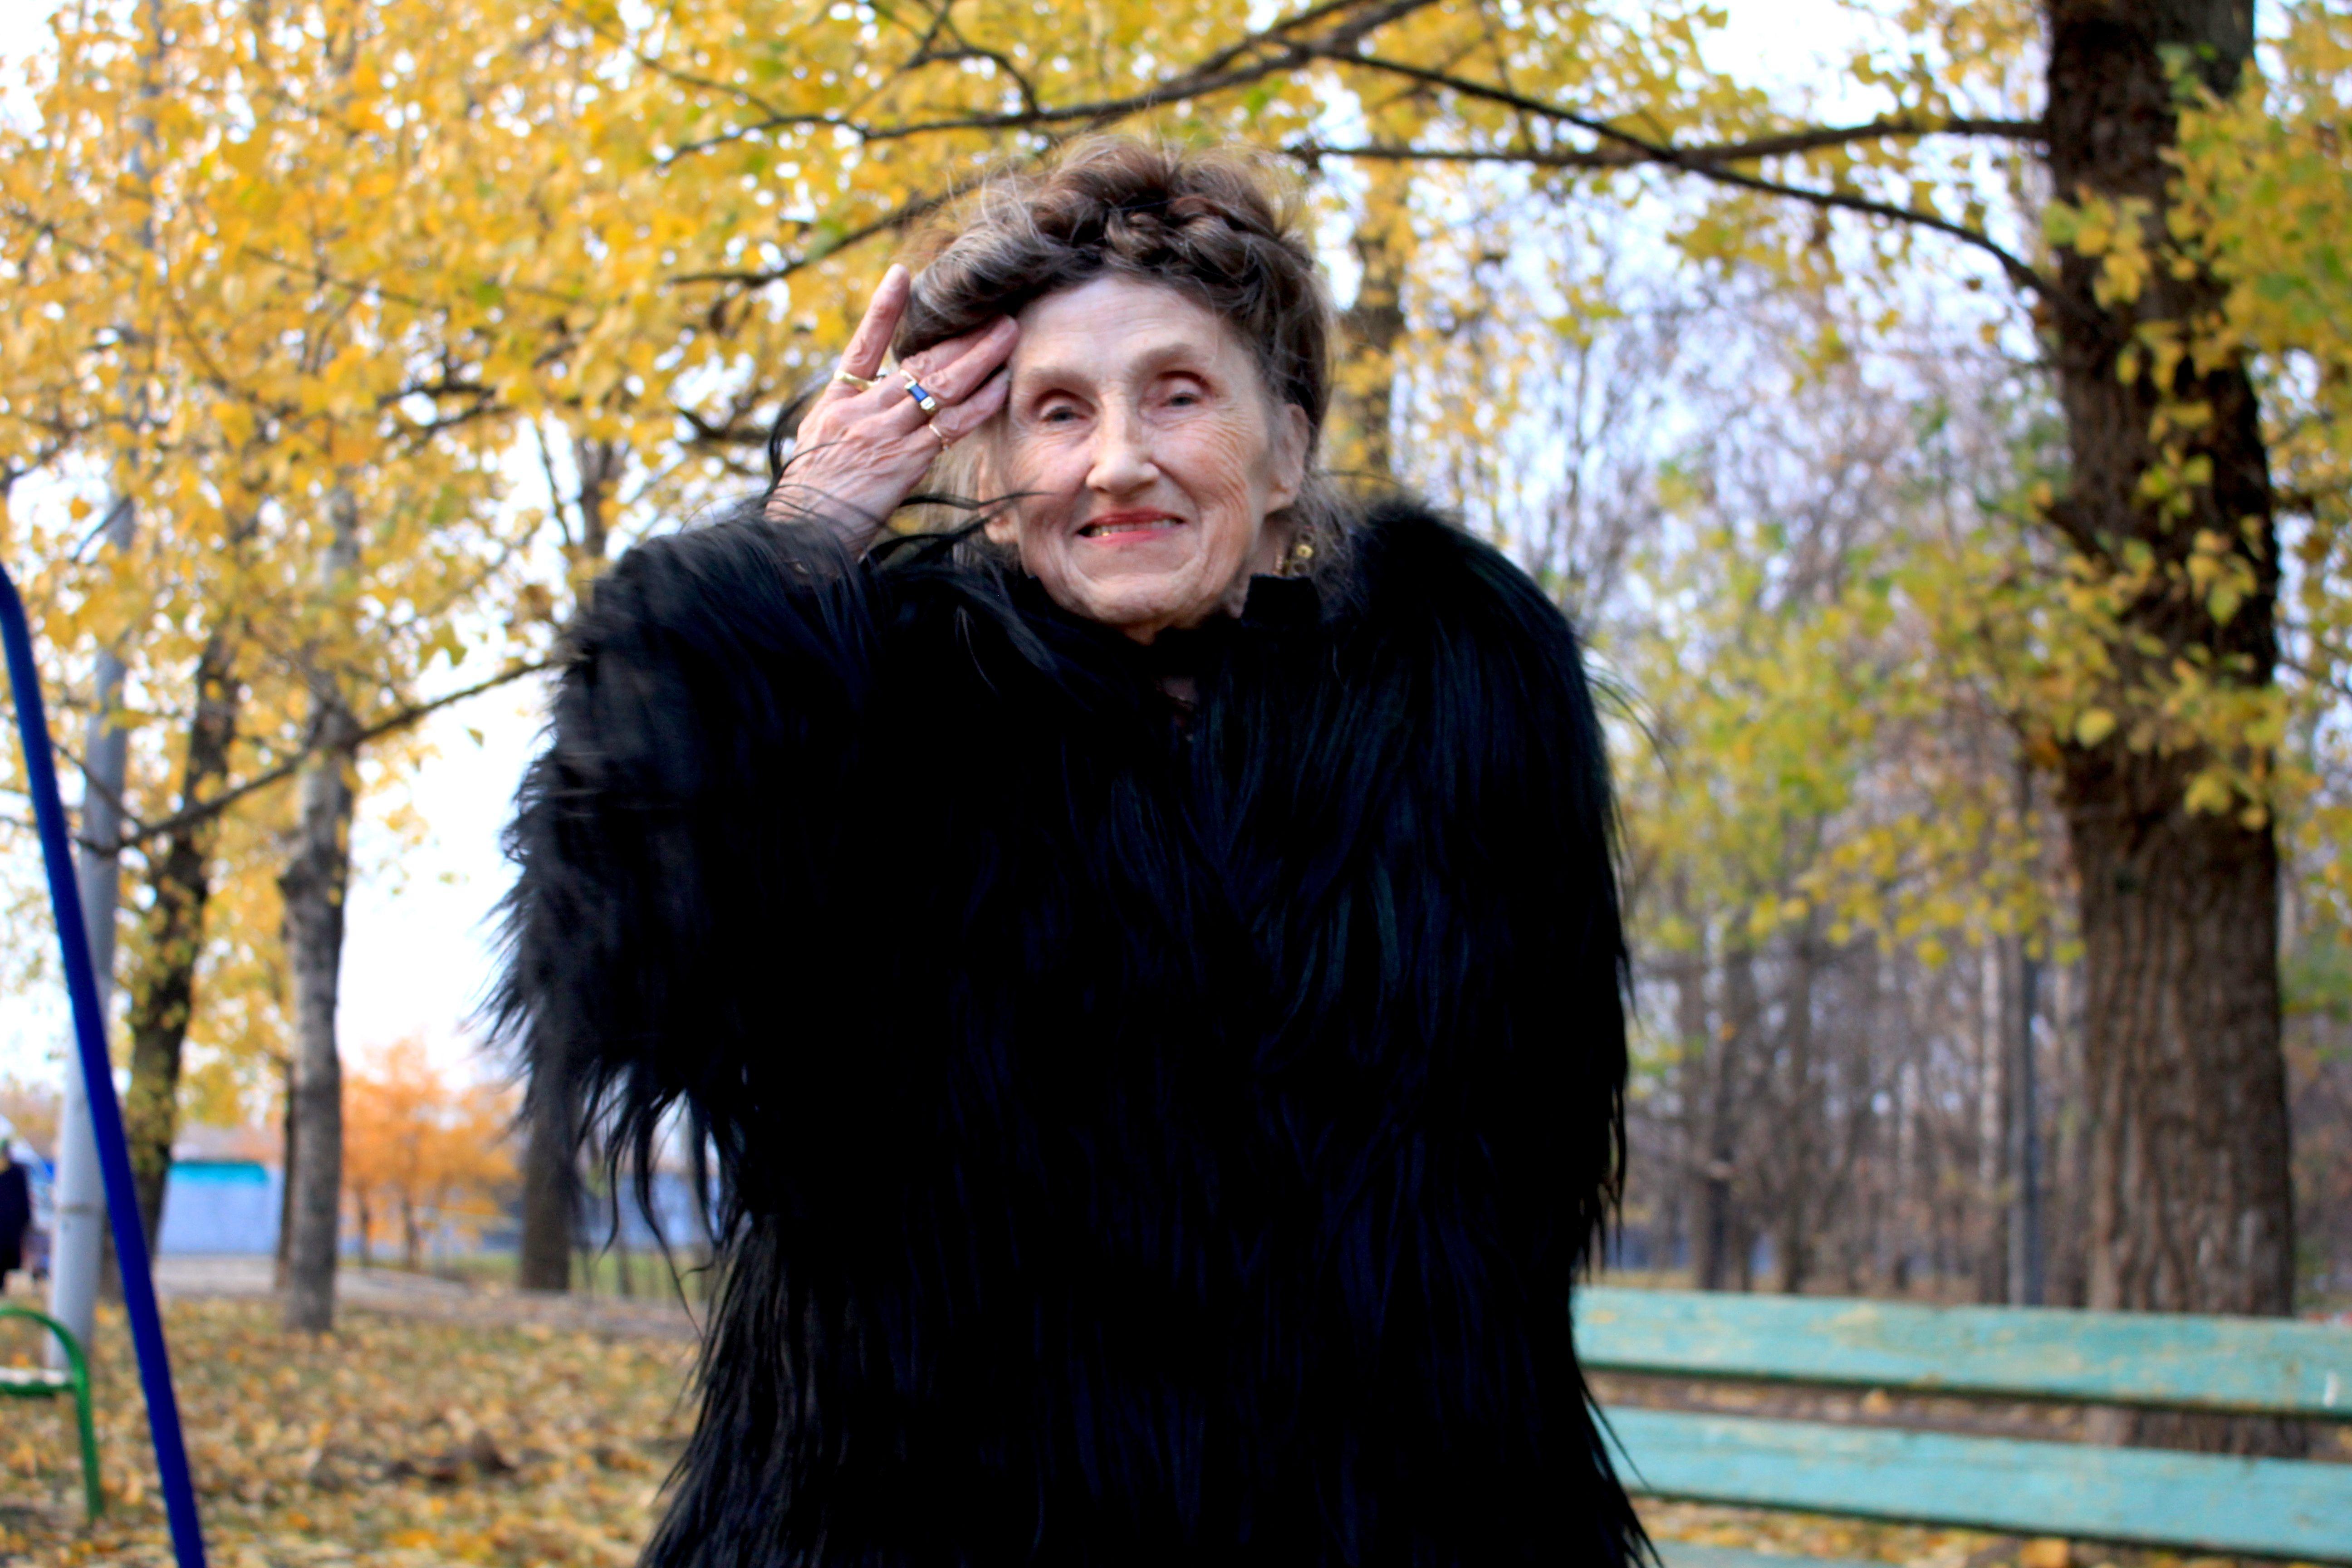 От текстильной фабрики до «Мосфильма»: история актрисы АльбиныЕвтушевской